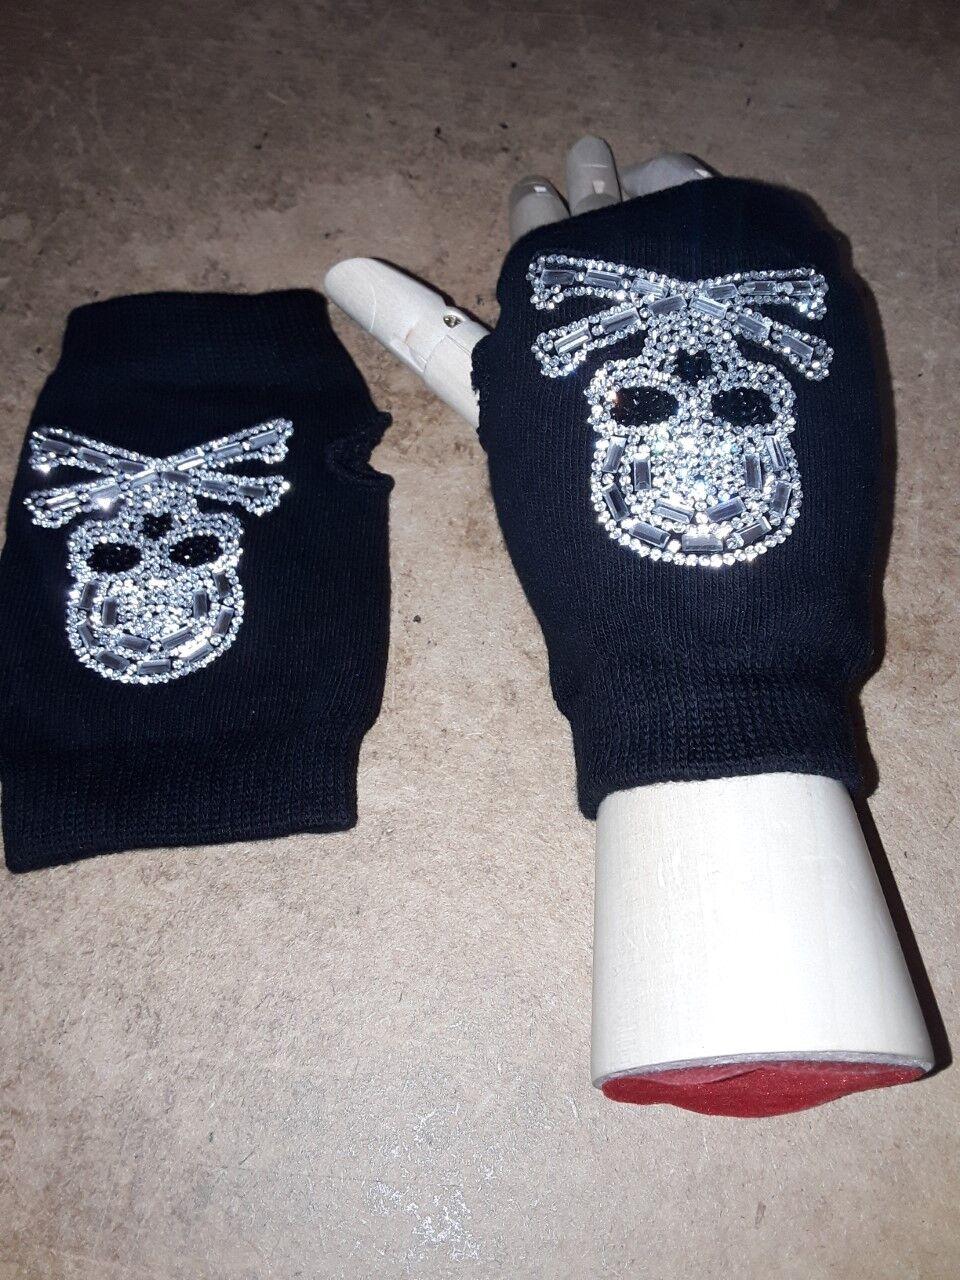 mitaines, noirs , ss doigts , extensible, coton,avec diamants cranes,os , 13cm